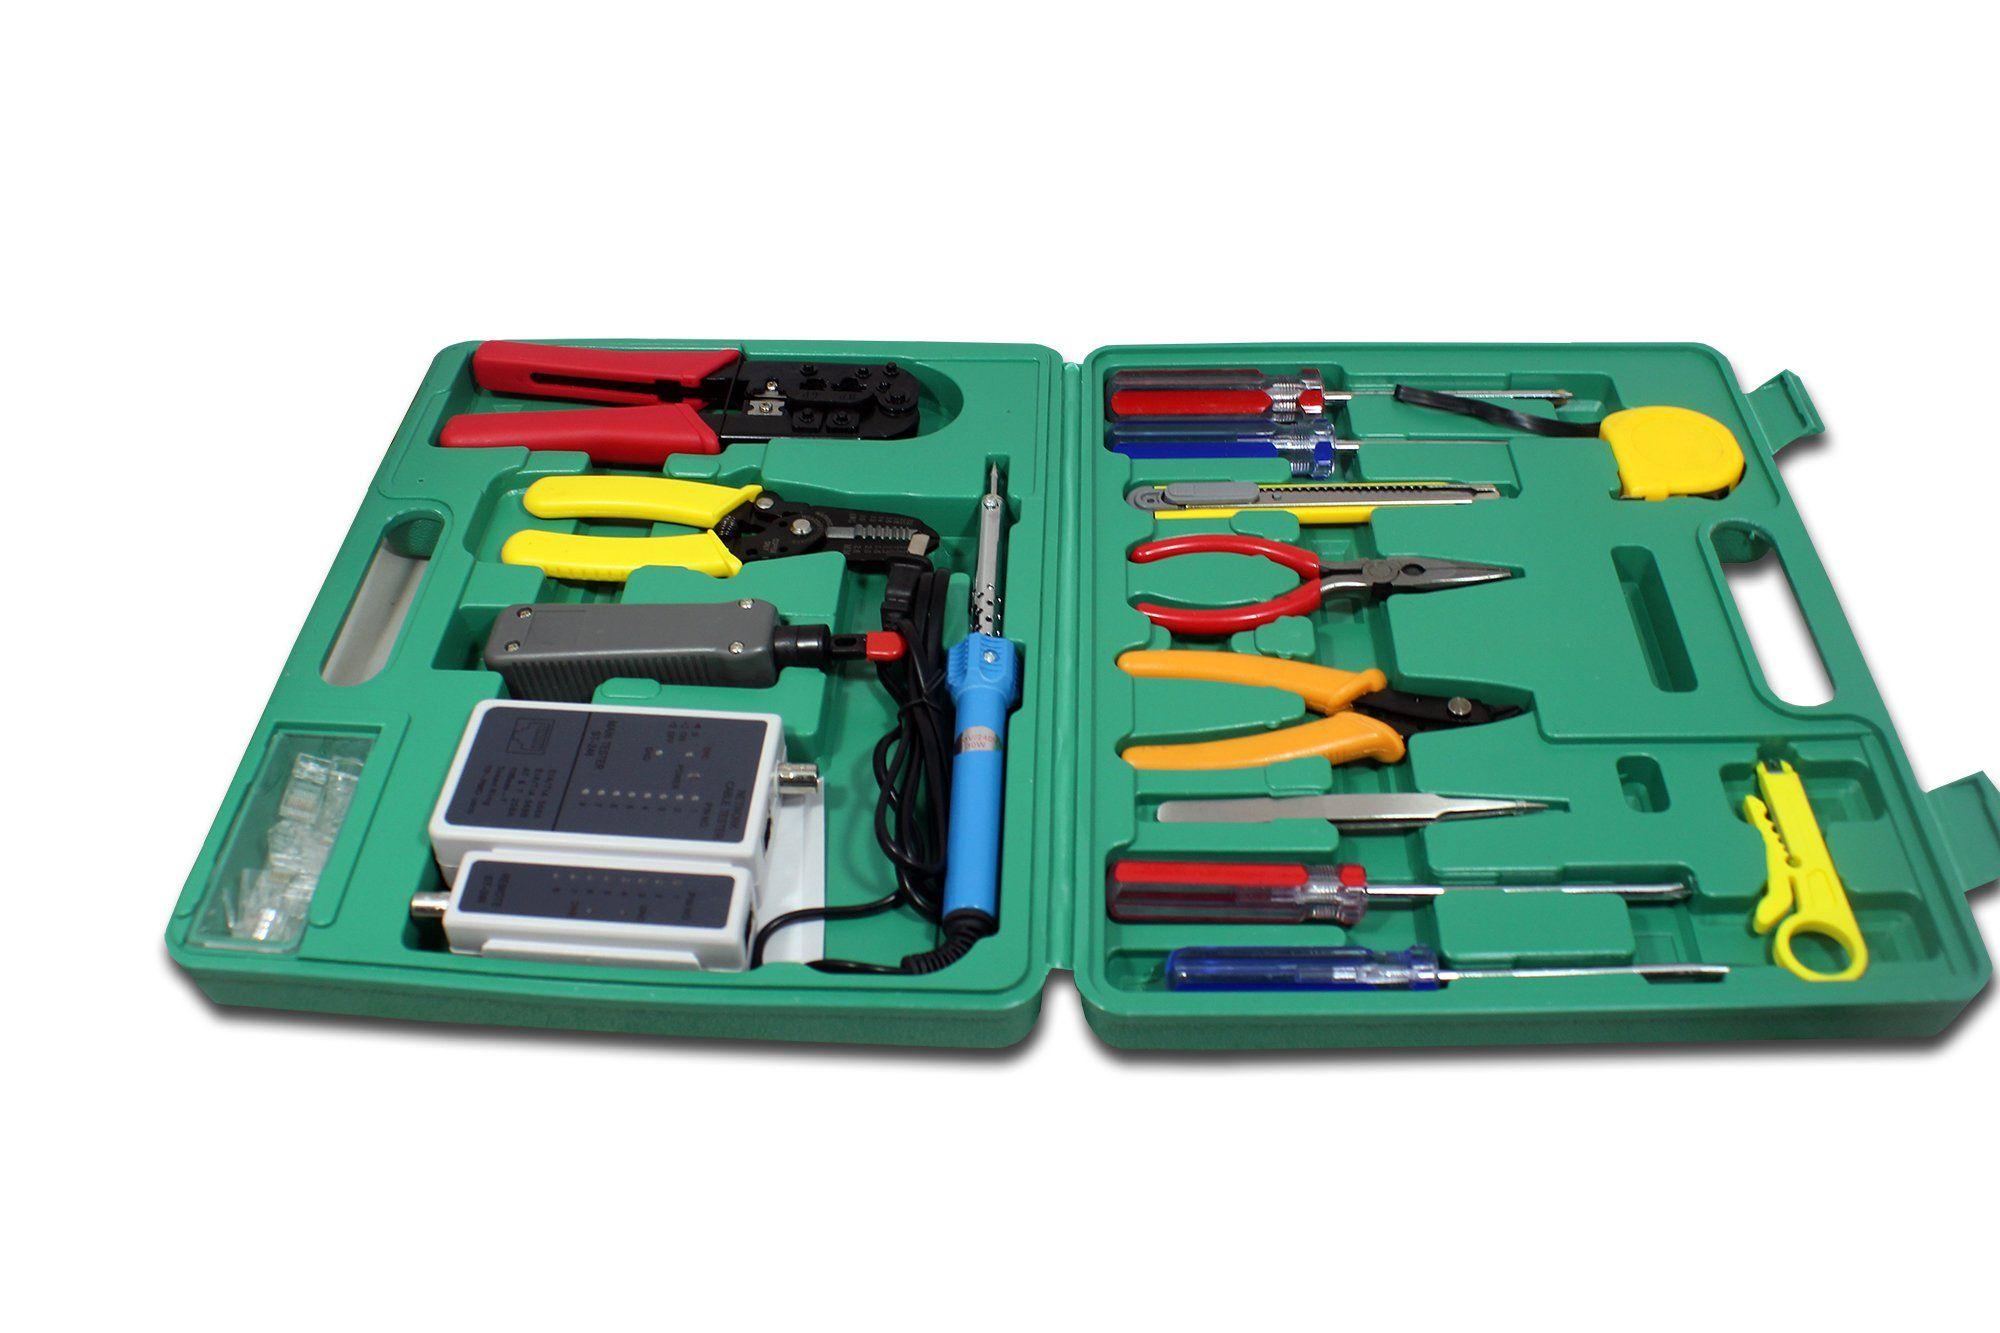 Kit de Ferramentas para pequenos reparos Hardline Tk14